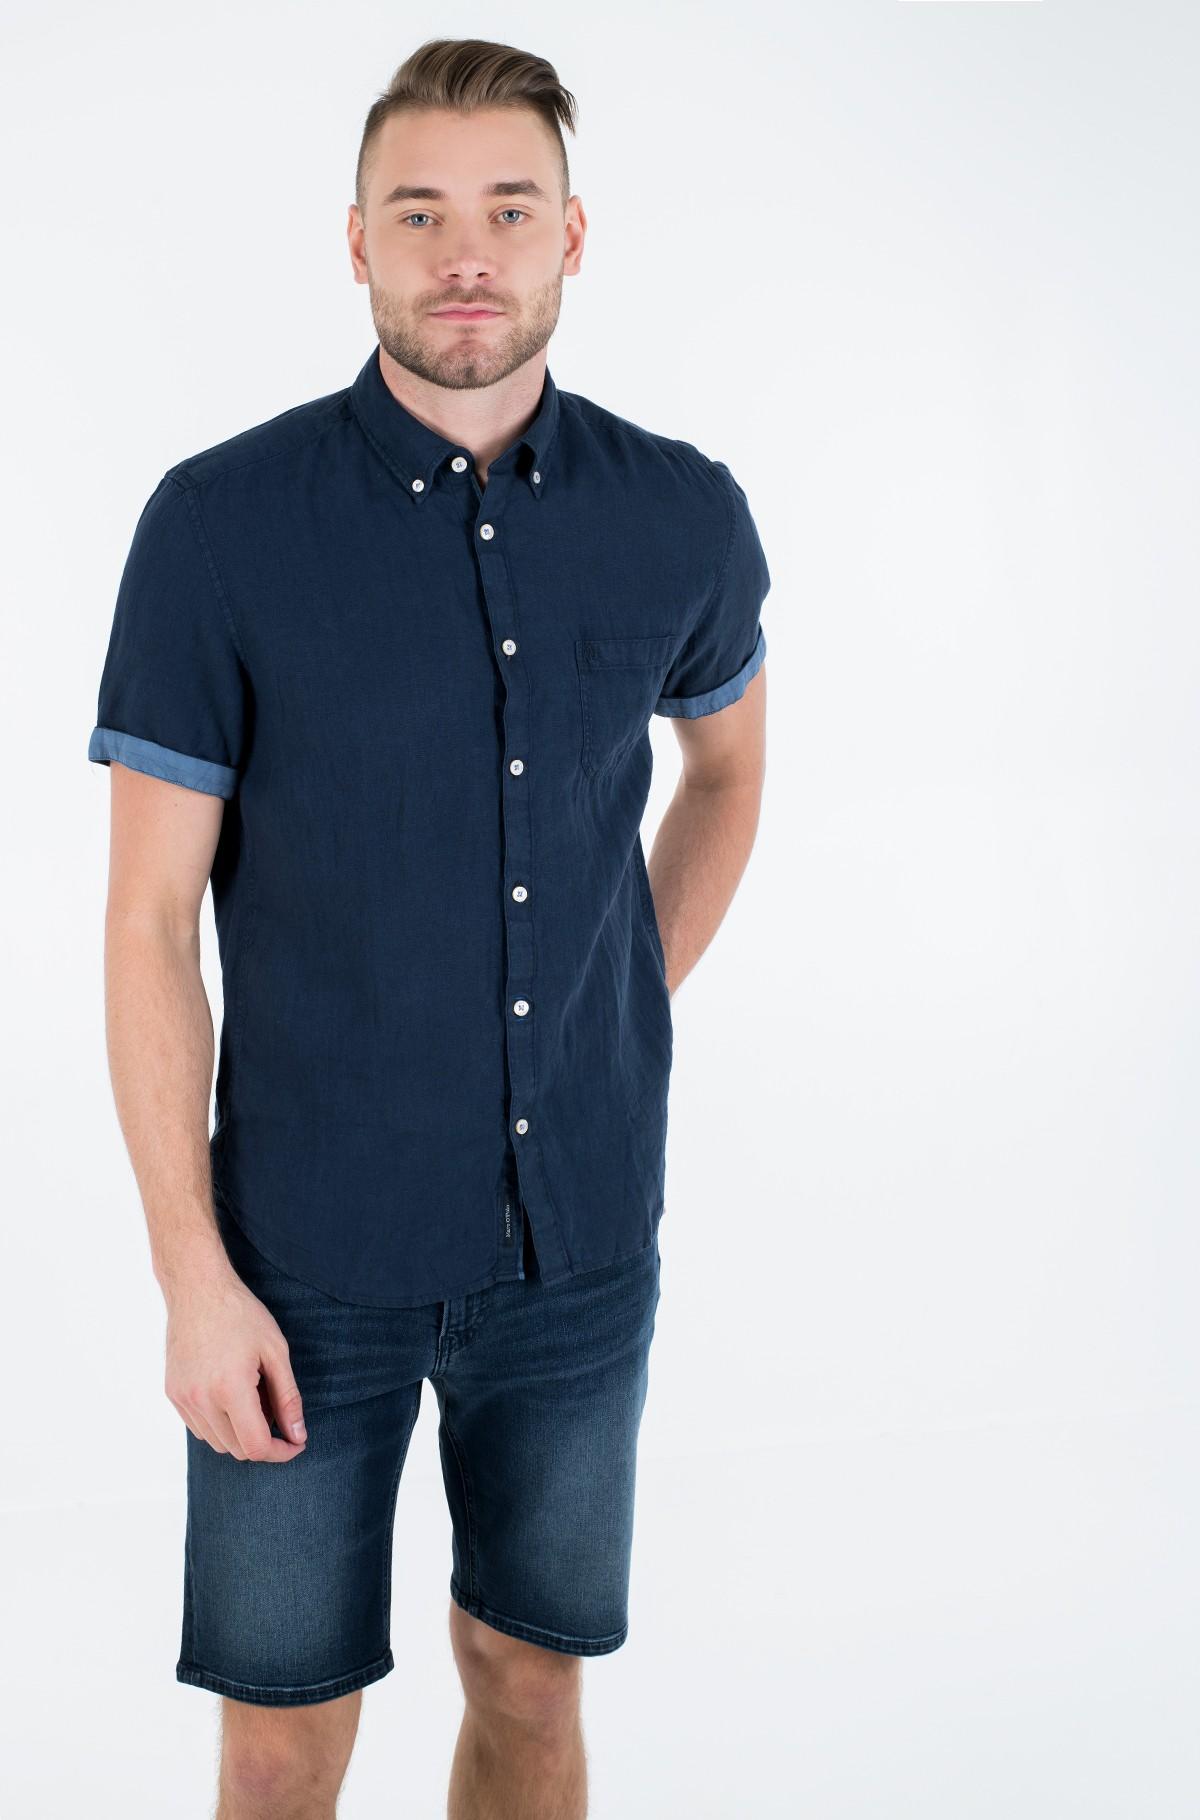 Marškiniai su trumpomis rankovėmis M23 7428 41028-full-1